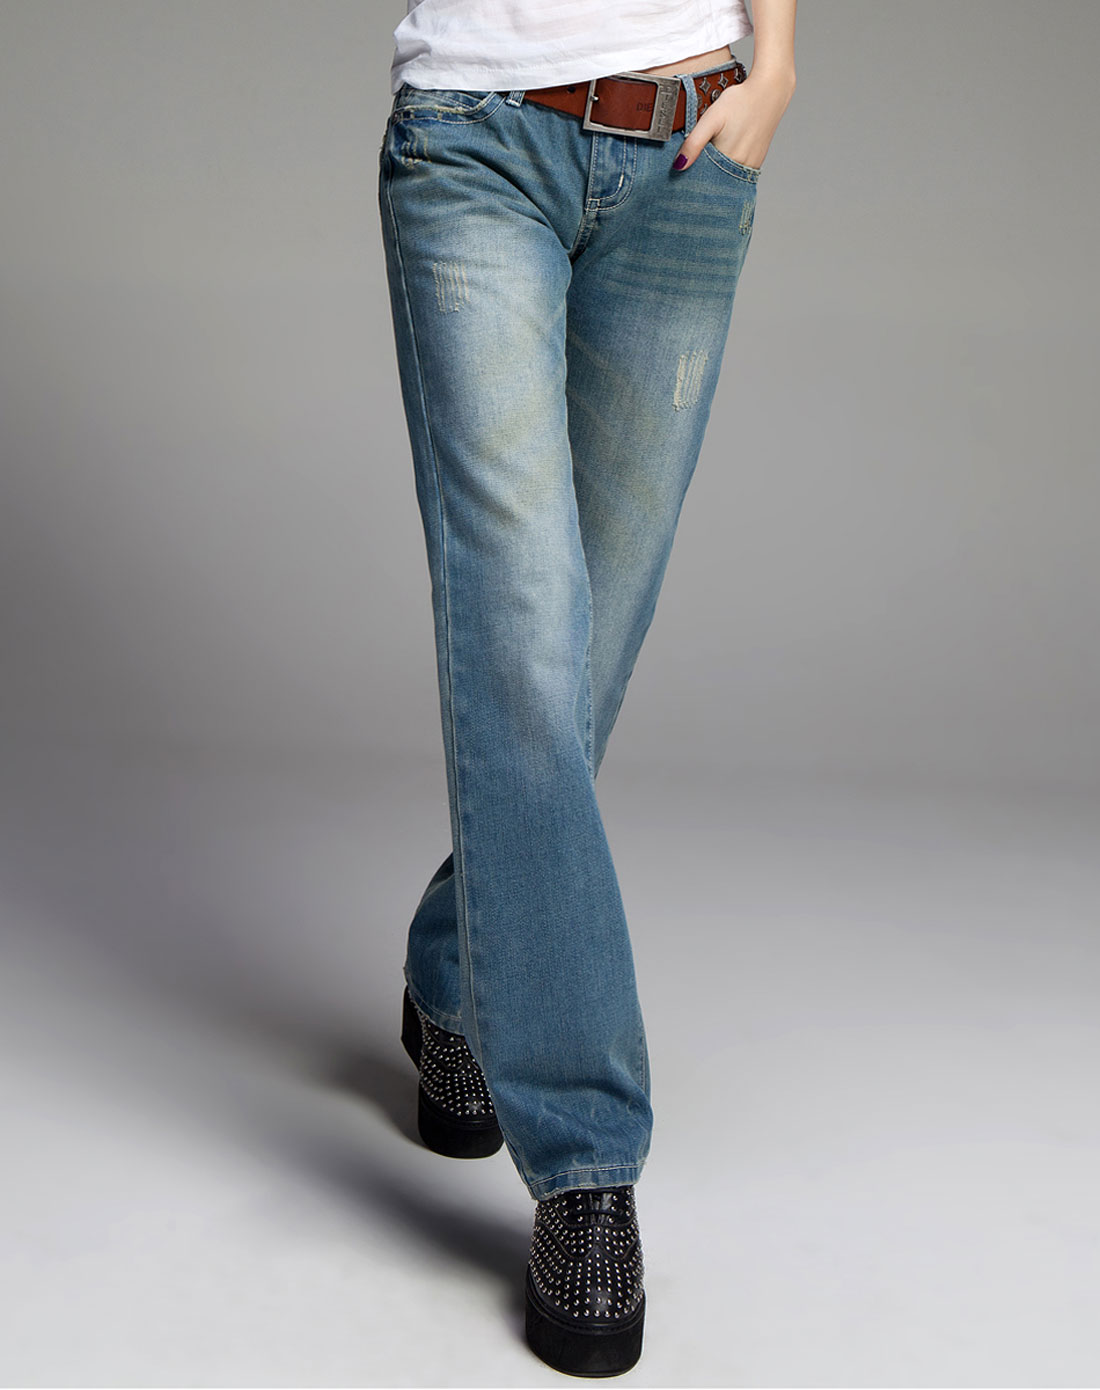 牛仔裤蓝直筒牛仔裤怎么搭配上衣和鞋